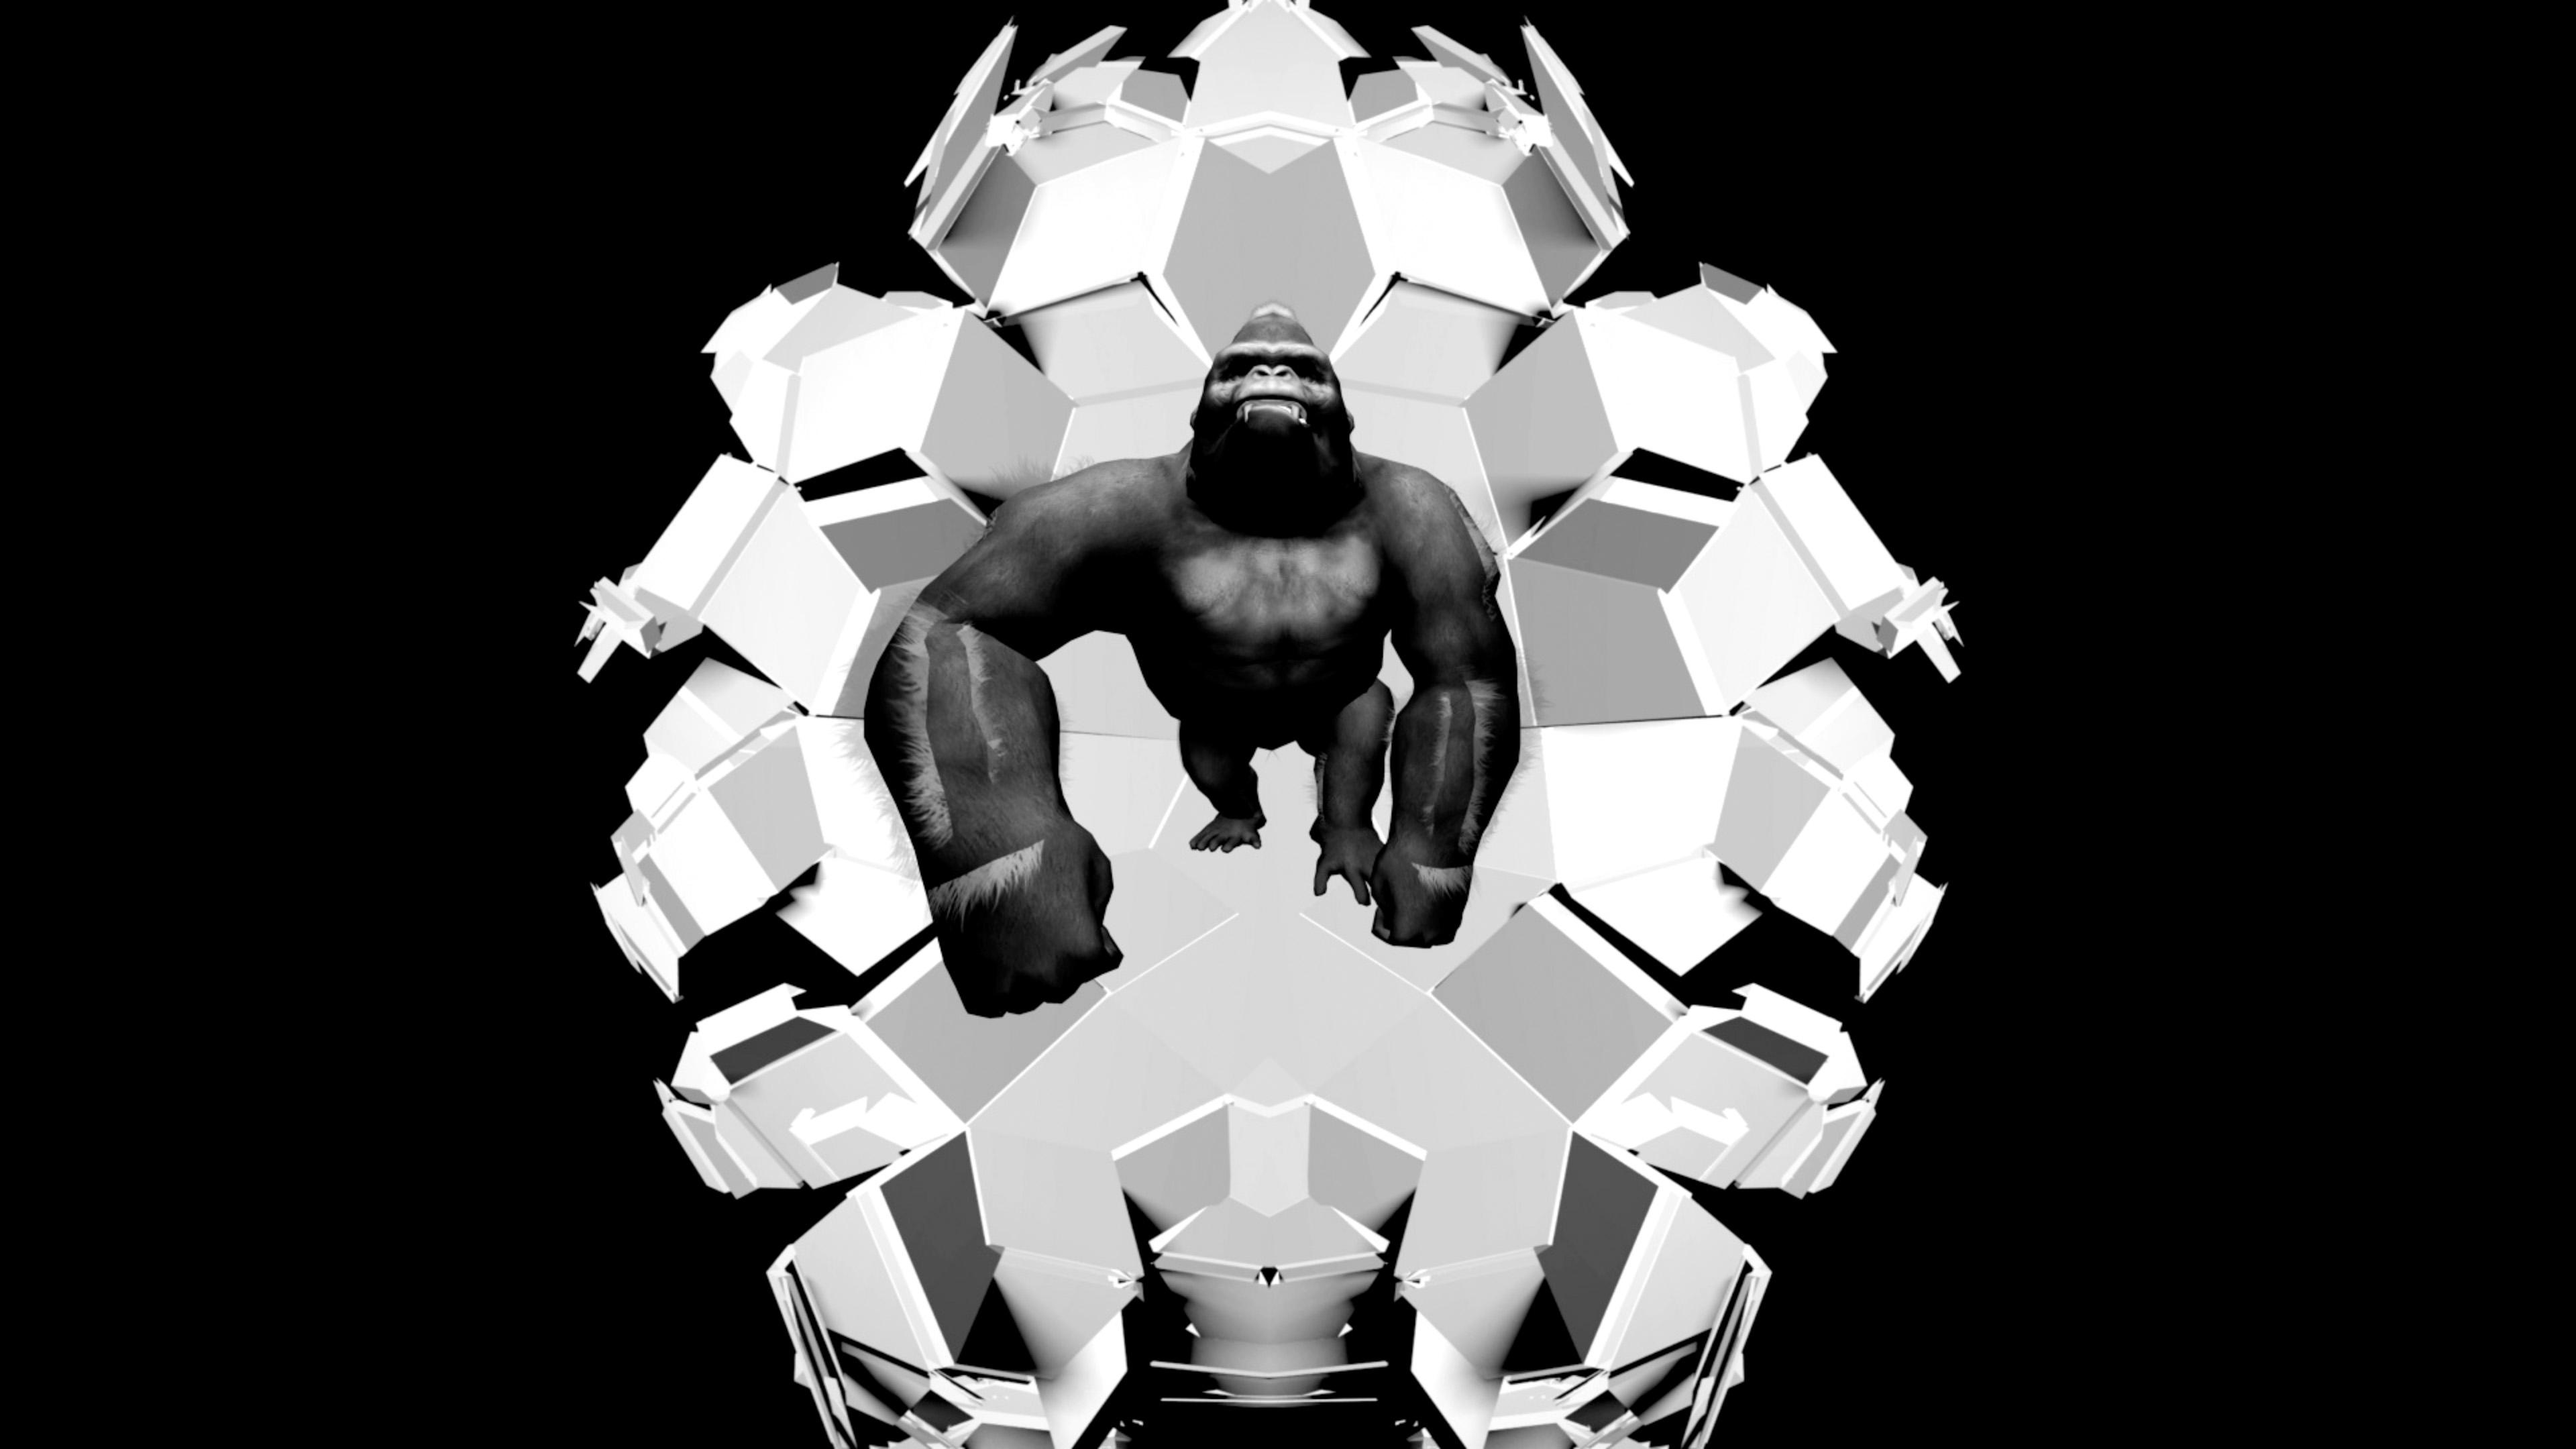 VJ Loops Pack Vol 59 - Rave Ape Gorilla - LIME ART GROUP Shop